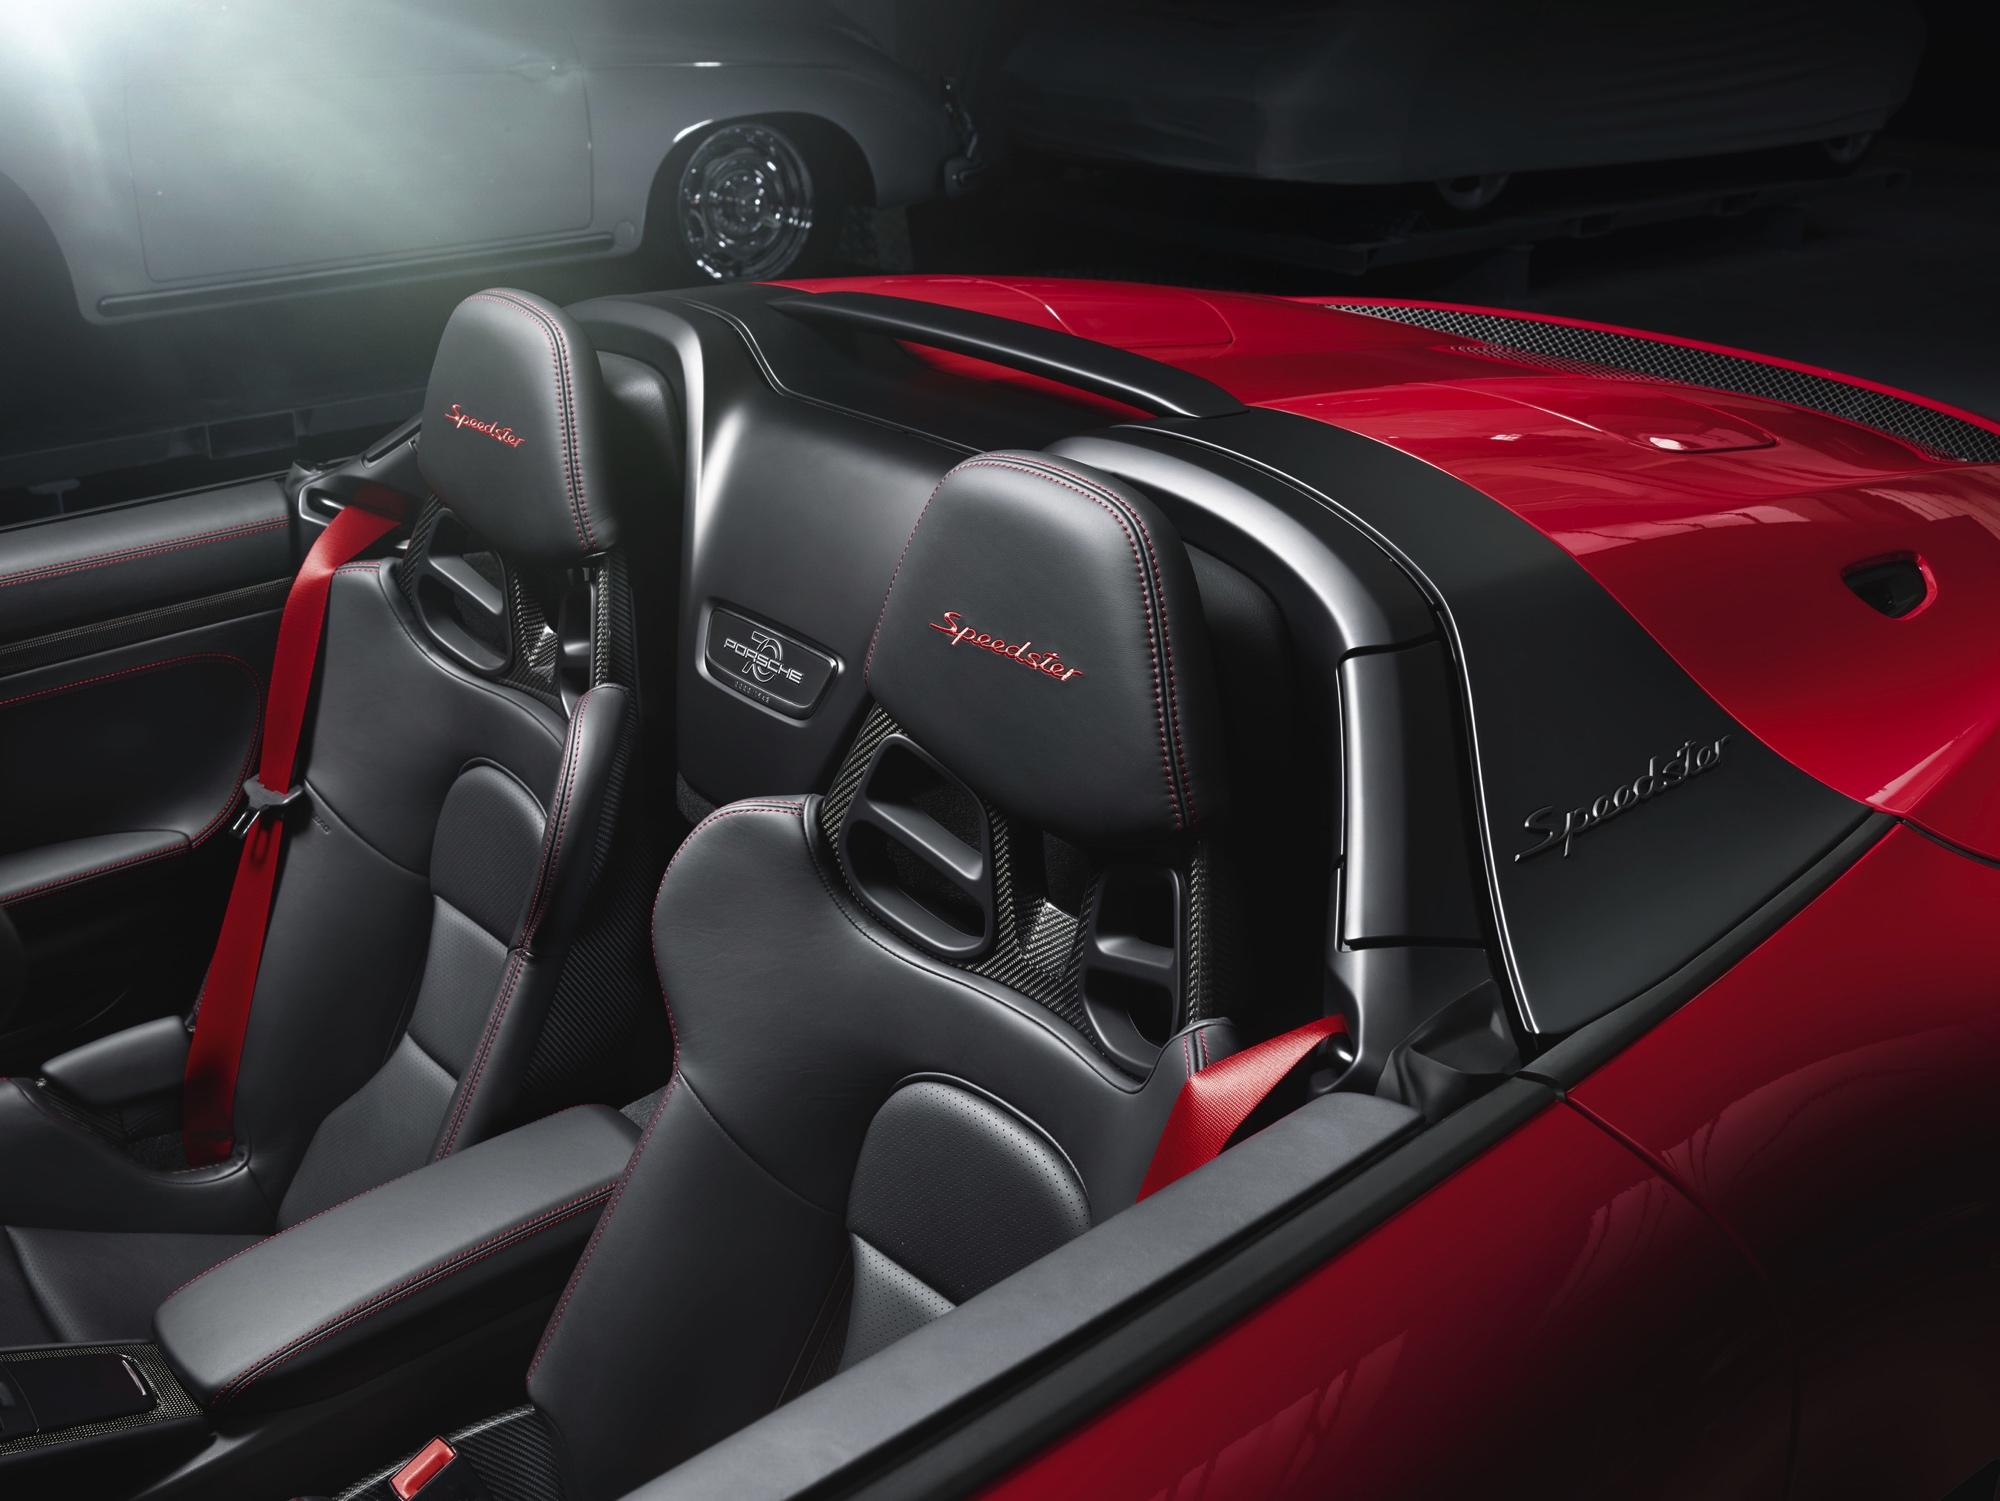 2019 Porsche 911 Speedster interior